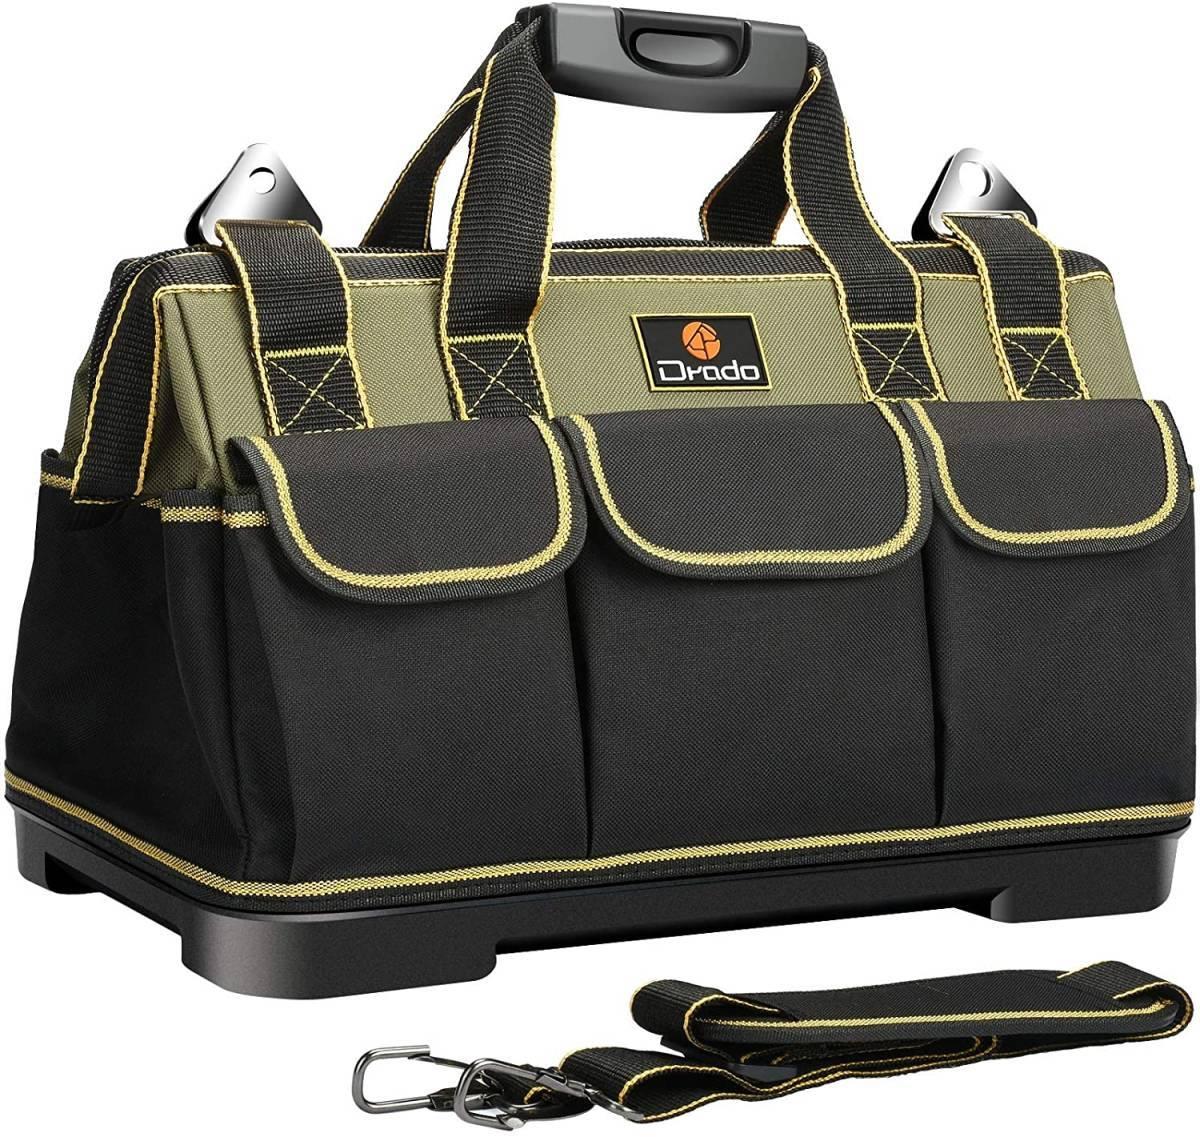 Drado ツールバッグ 工具バッグ 工具袋 工具差し入れ 大口収納 1680Dオックスフォード 特化プラスチック底部 防水 40㎝×23㎝×28㎝ ITET_画像1